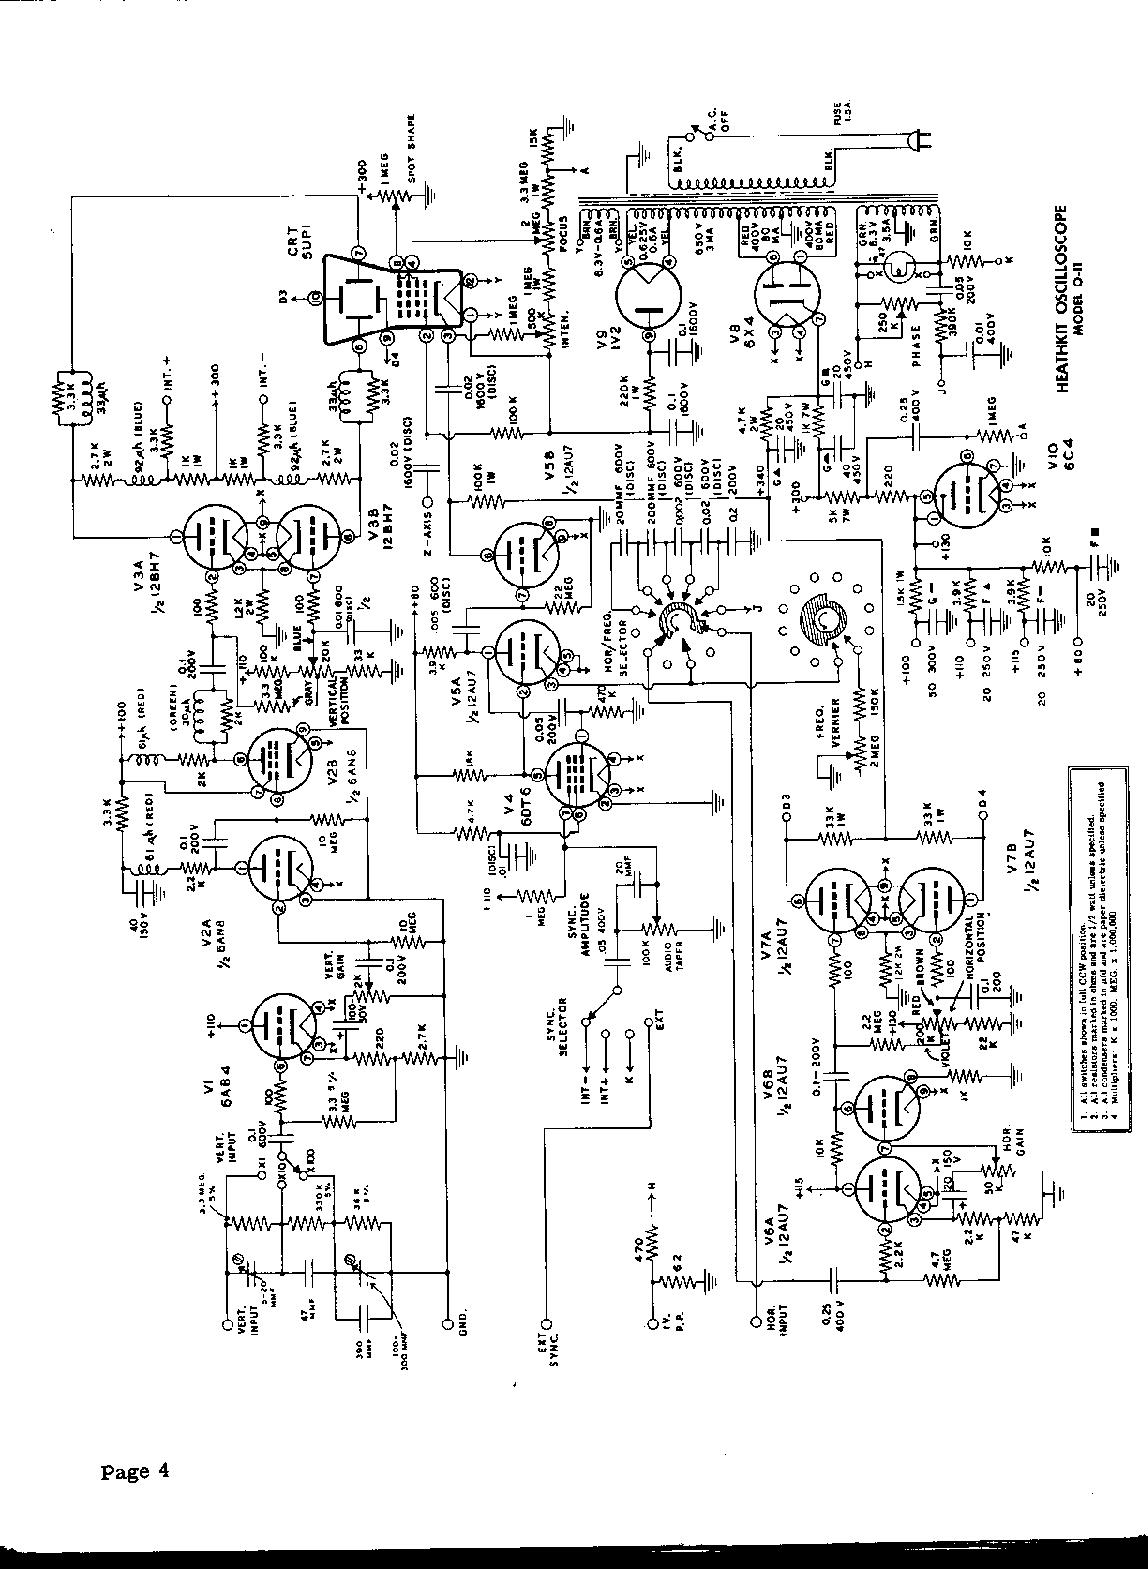 heathkit oscilloscope kit